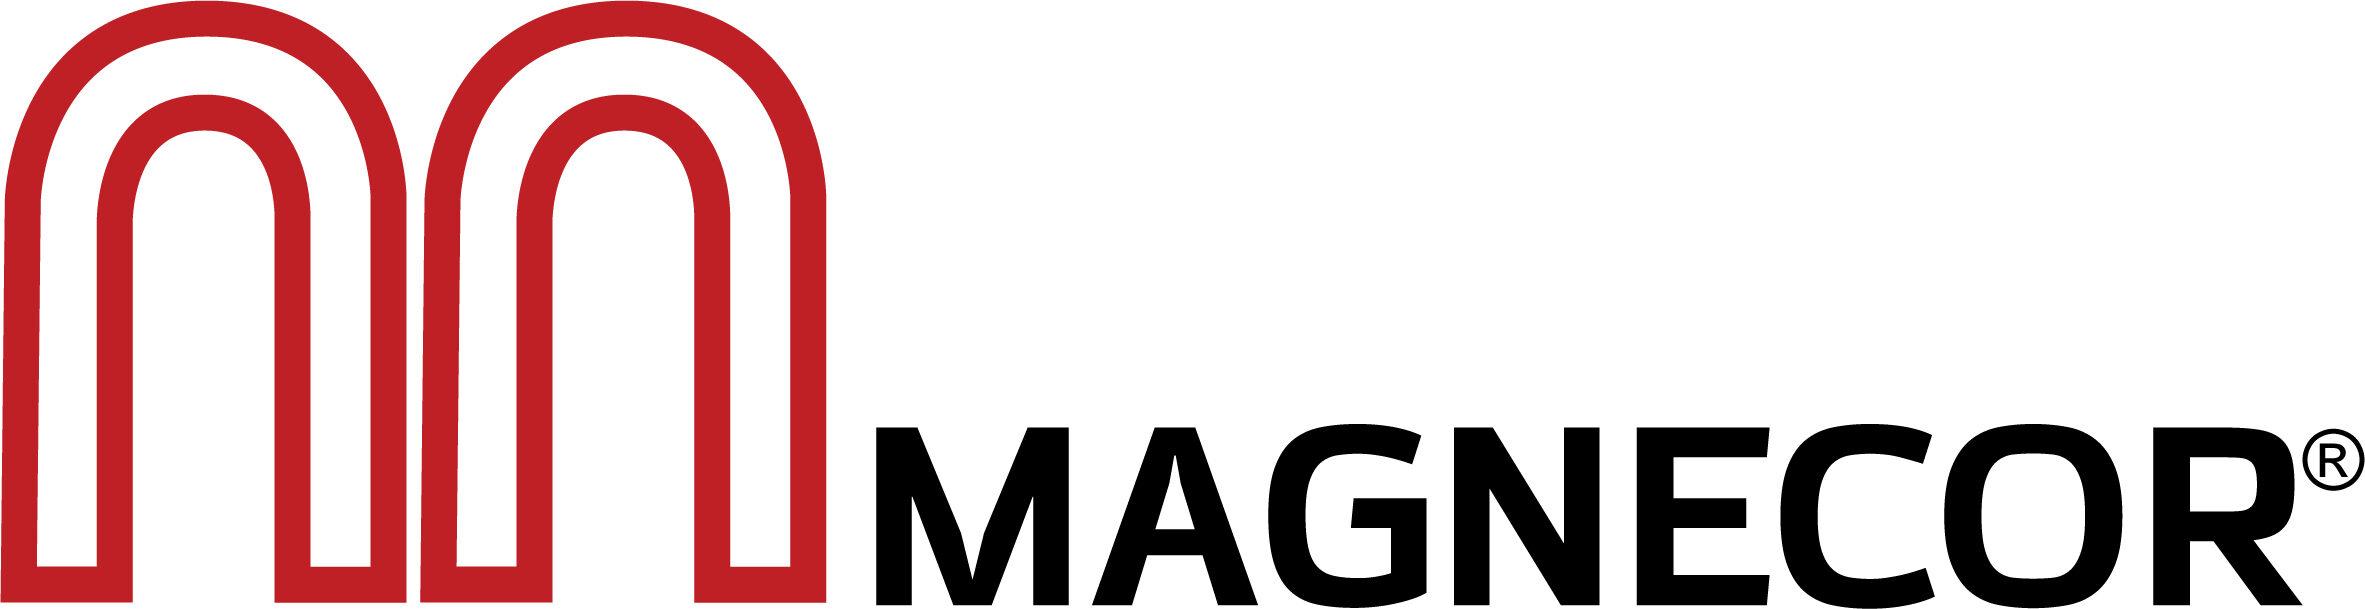 Magnecor USA